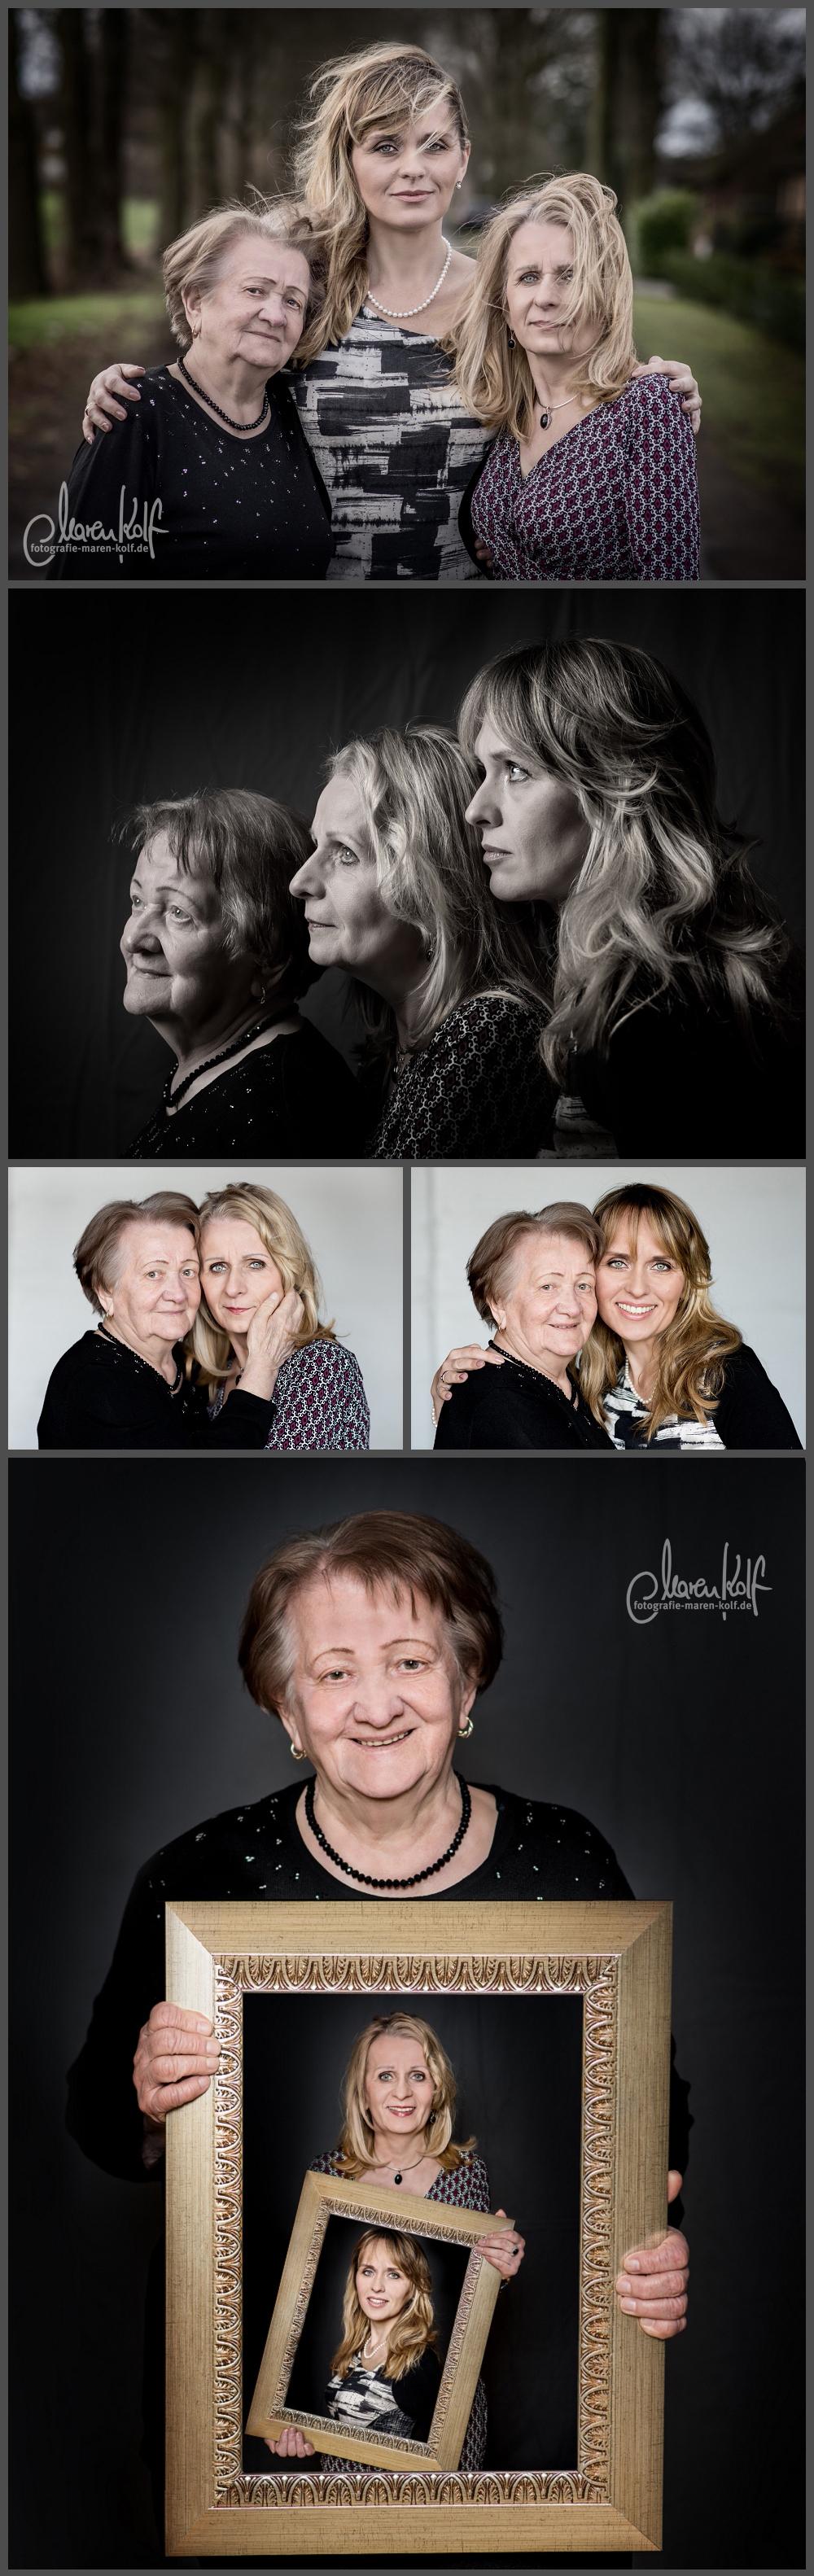 generationen-portraits-fotografie-maren-kolf-wedemark-blog